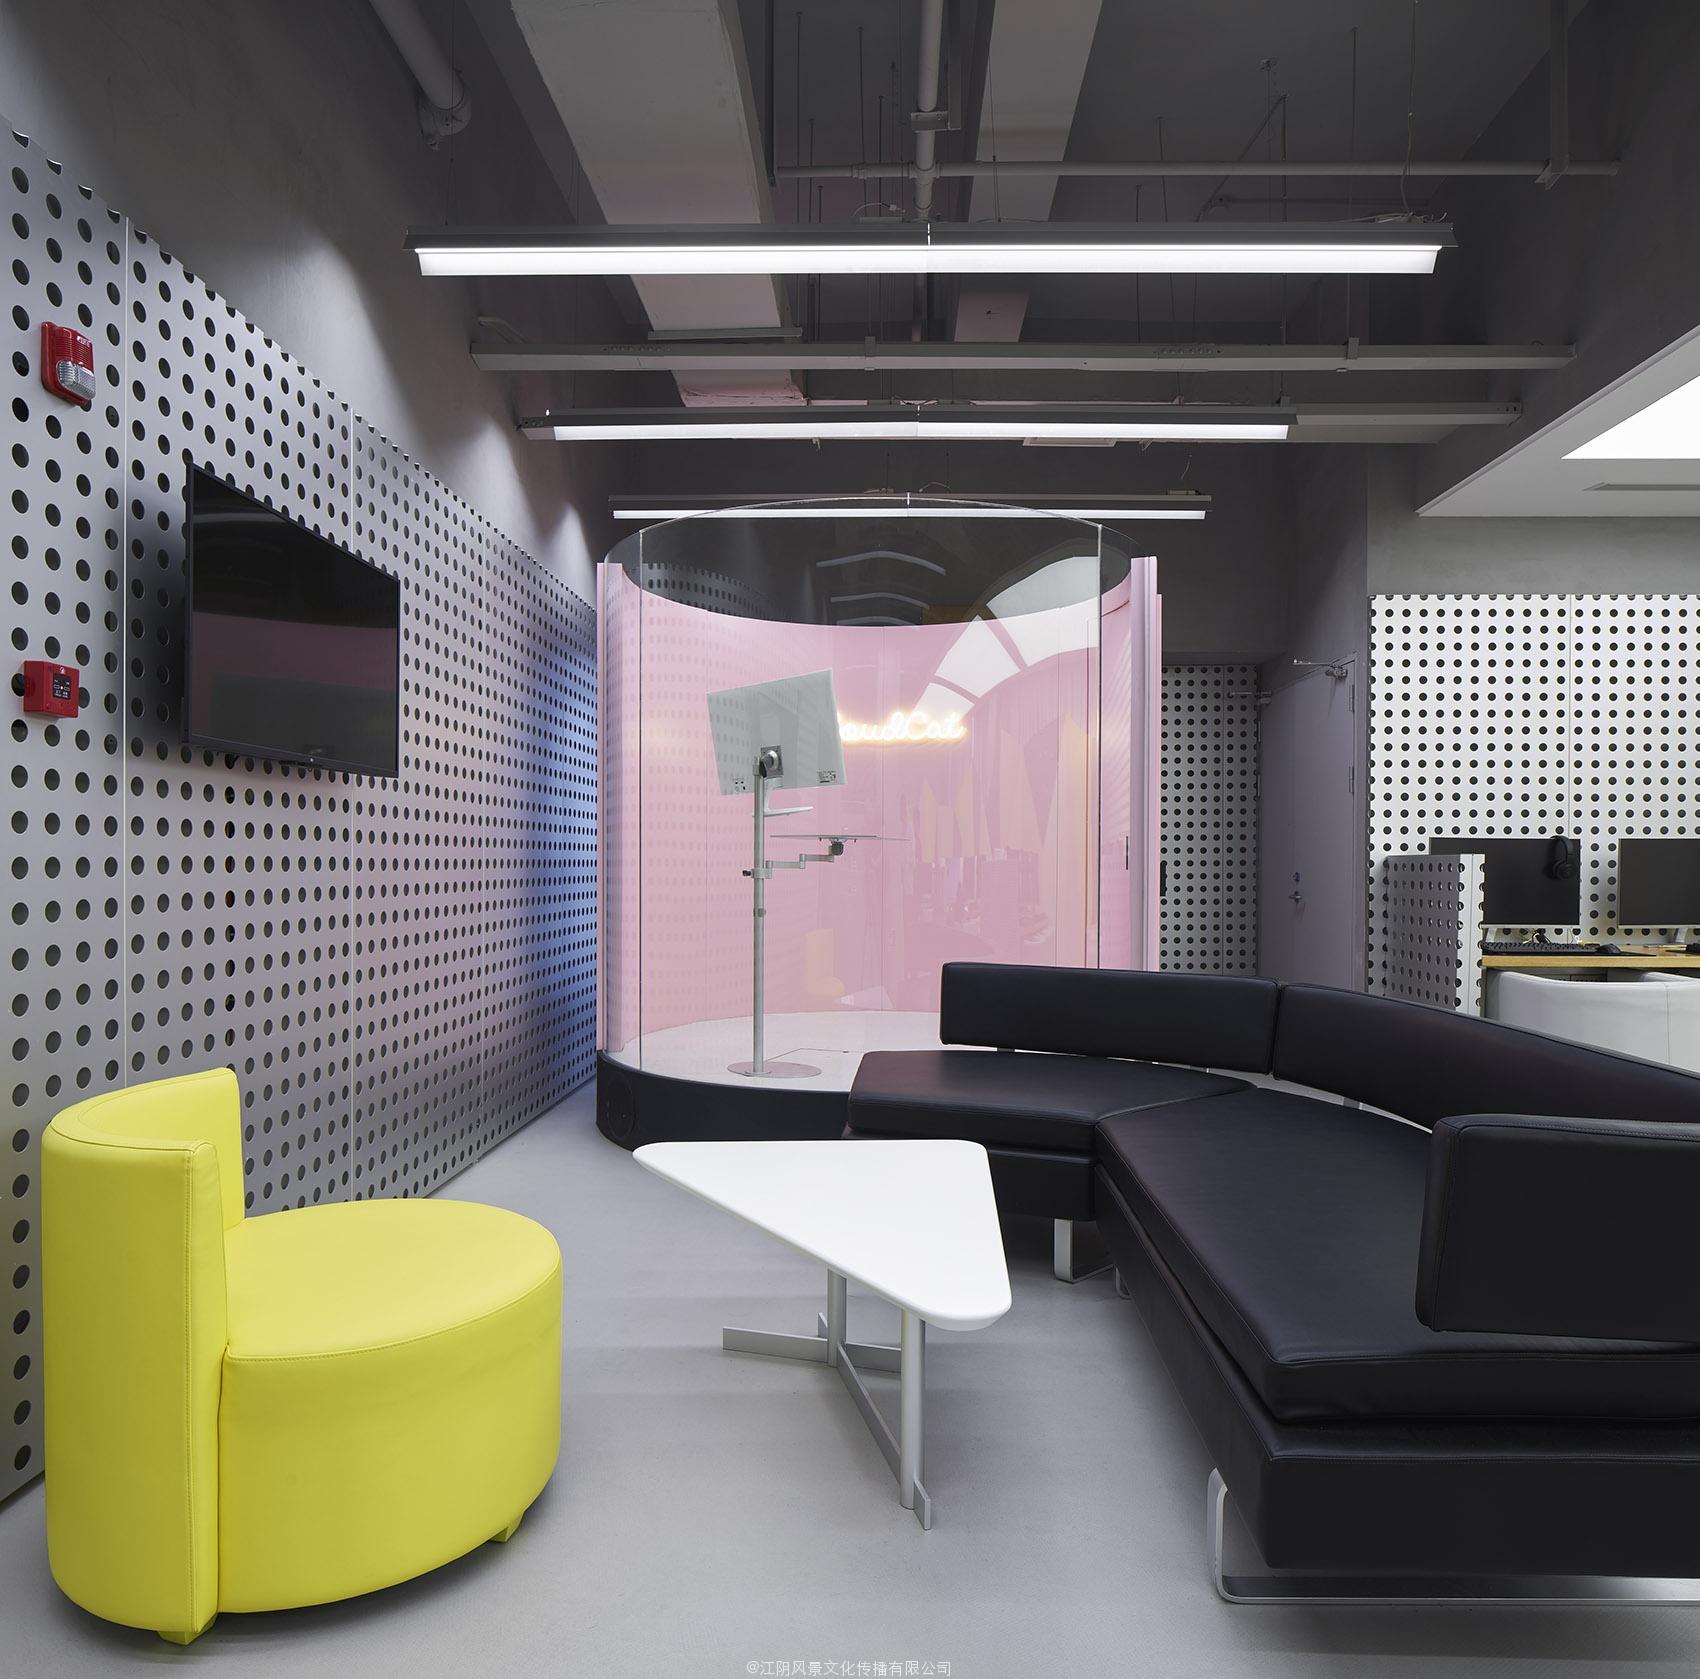 成都市金牛区电竞中心网咖网吧设计